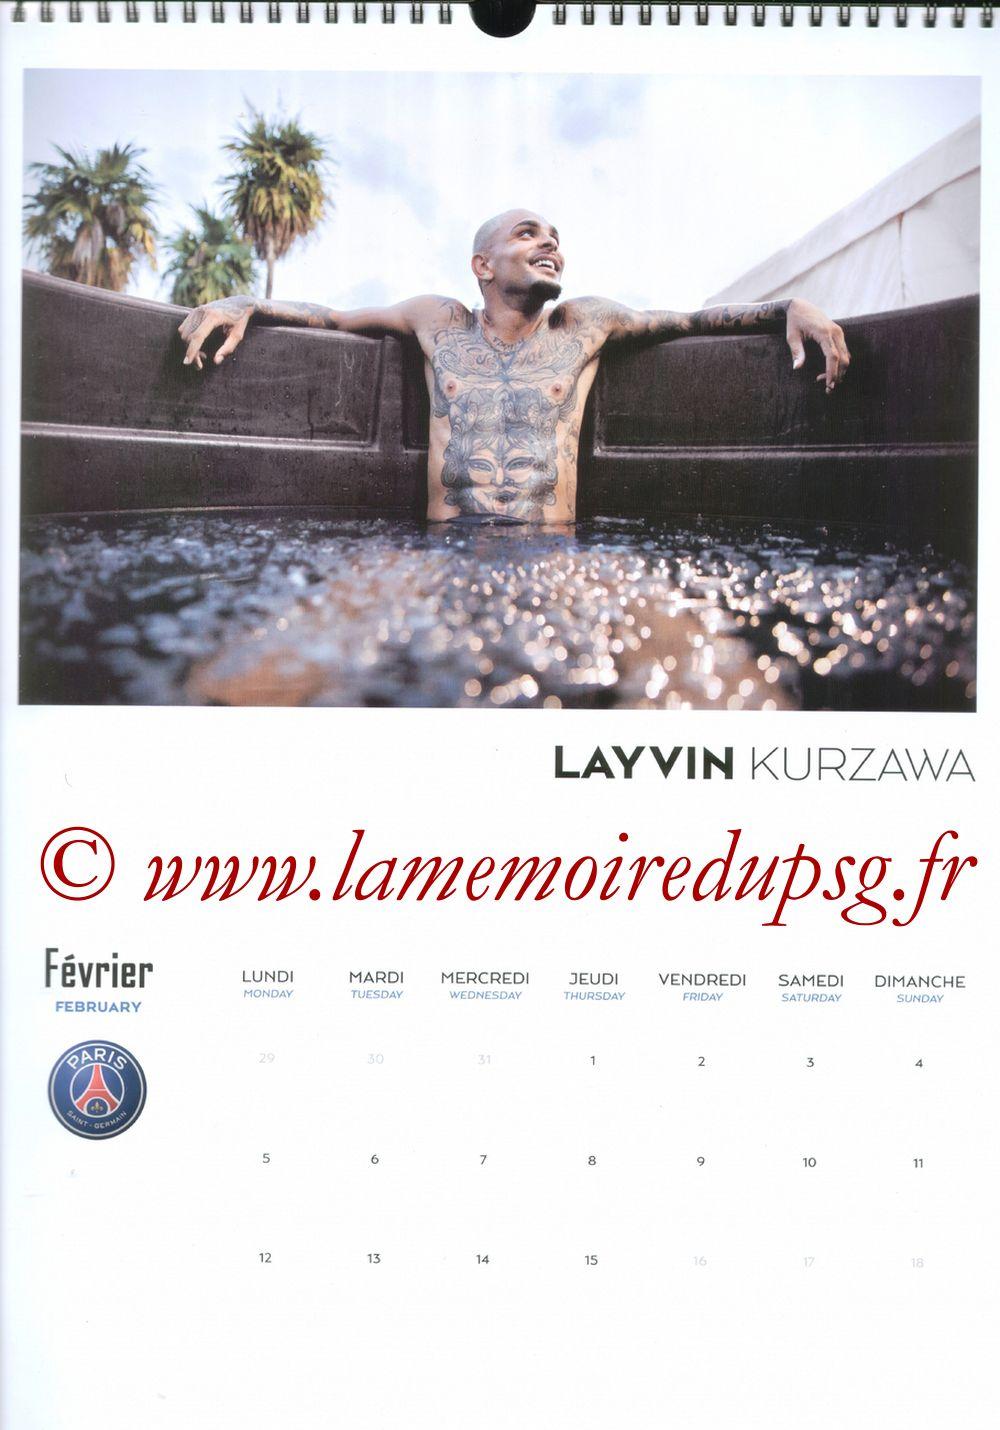 Calendrier PSG 2018 - Page 03 - Layvin KURZAWA